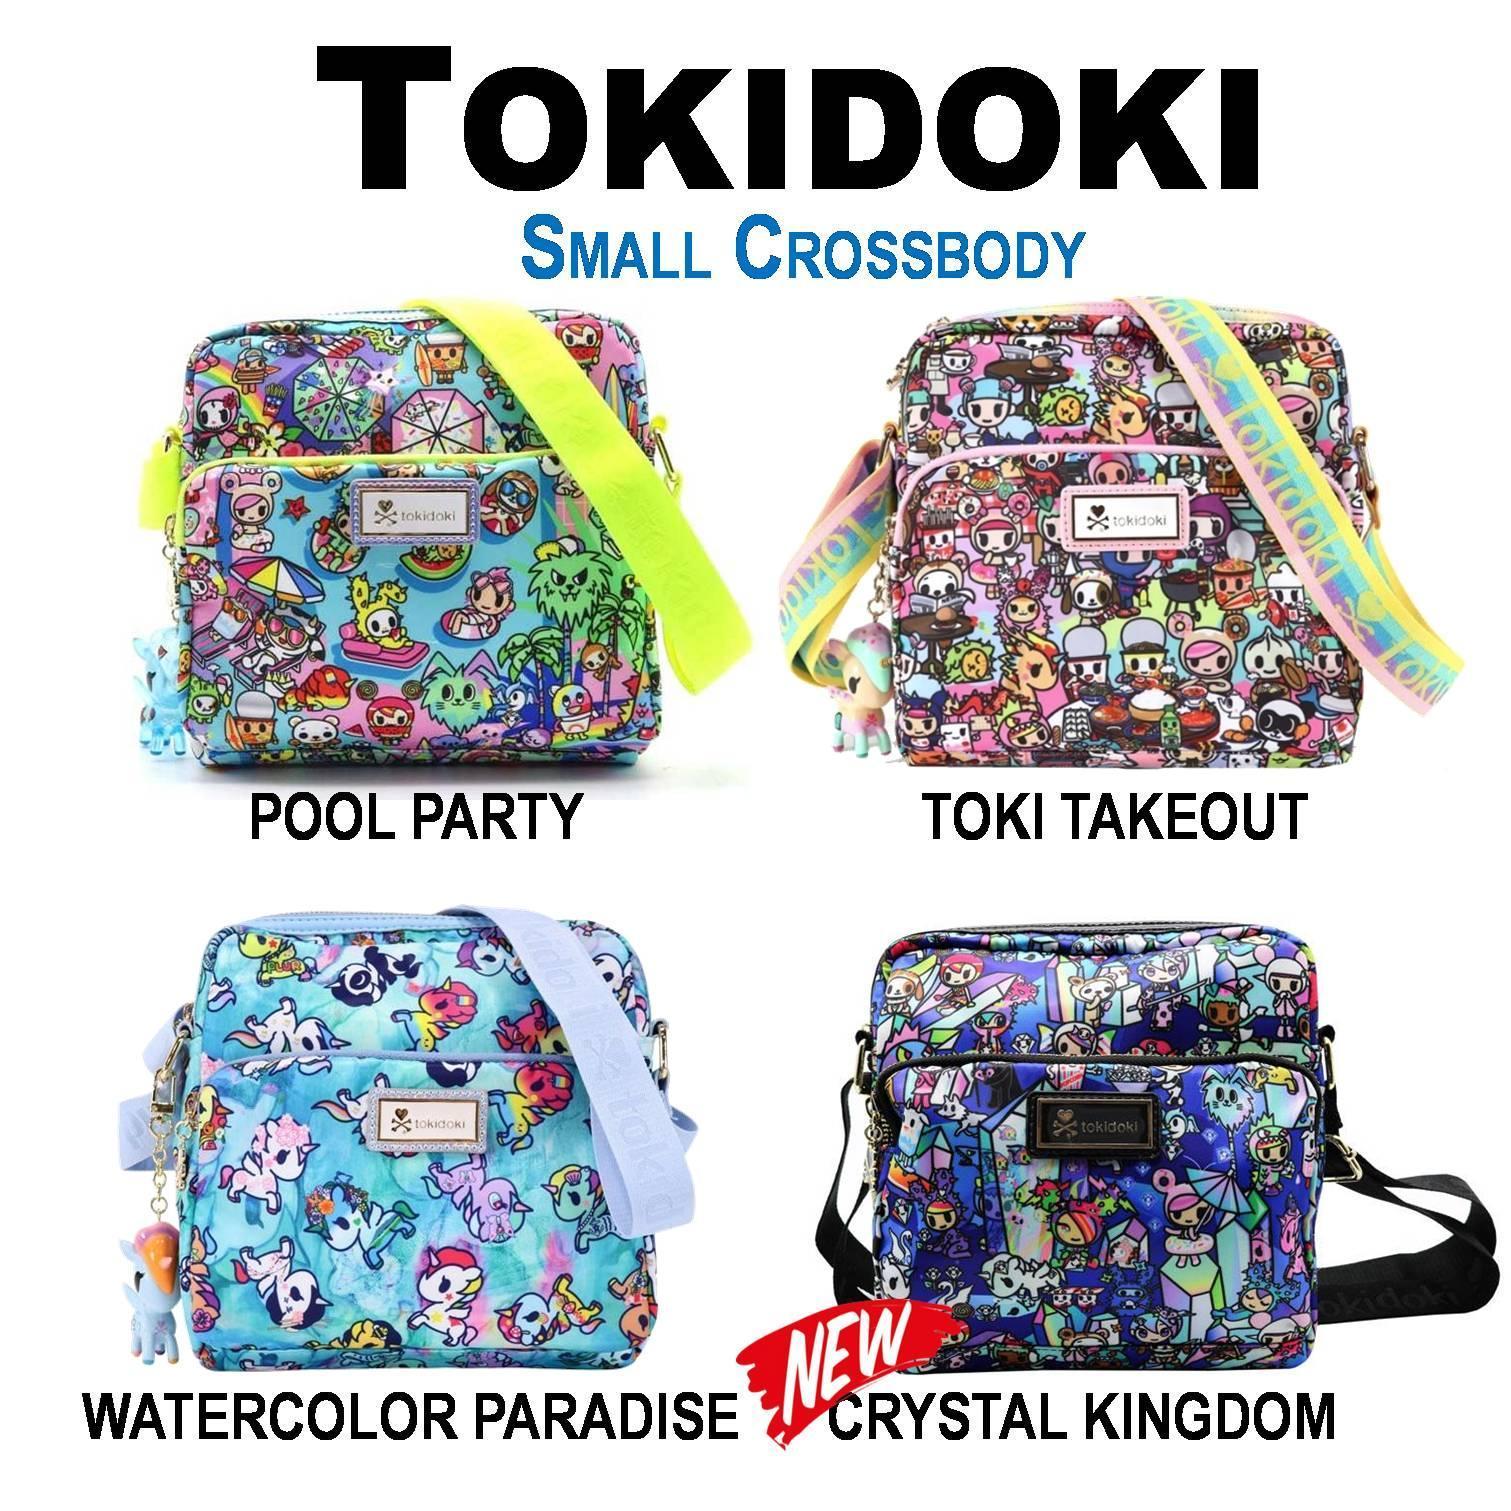 Tokidoki [ Pool Party . Toki Takeout . Crystal Kingdom ] Small Crossbody